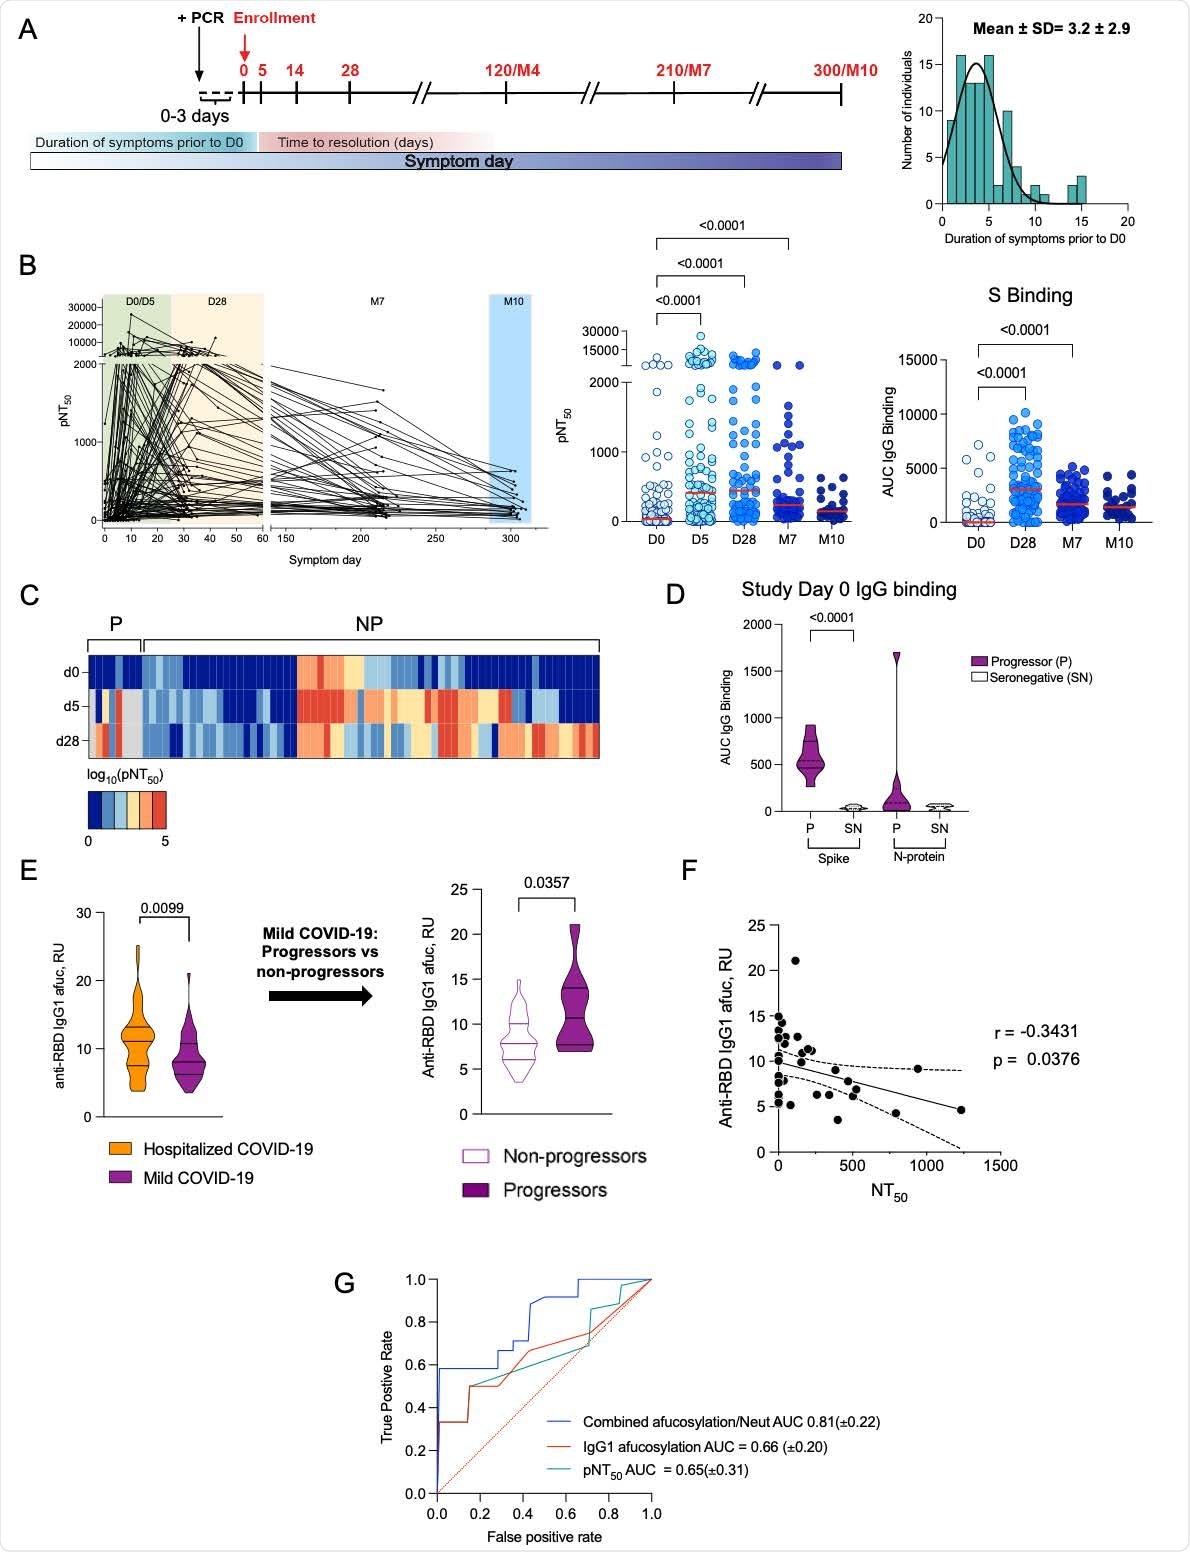 Los títulos de neutralización temprana bajos y la afucosilación elevada de Fc predicen la progresión de la enfermedad.  (A) Puntos temporales del estudio COVID-19 longitudinal, características de la cohorte y distribución de la duración de los síntomas en los participantes antes de la inscripción.  (B) La cinética de la respuesta de anticuerpos neutralizantes a lo largo del tiempo y títulos de neutralización de pseudovirus de SARS-CoV-2 máximos (pNT50) e IgG de unión (AUC) de pico (S) de longitud completa del SARS-CoV-2 en cada punto de tiempo ((D0) , inscripción,